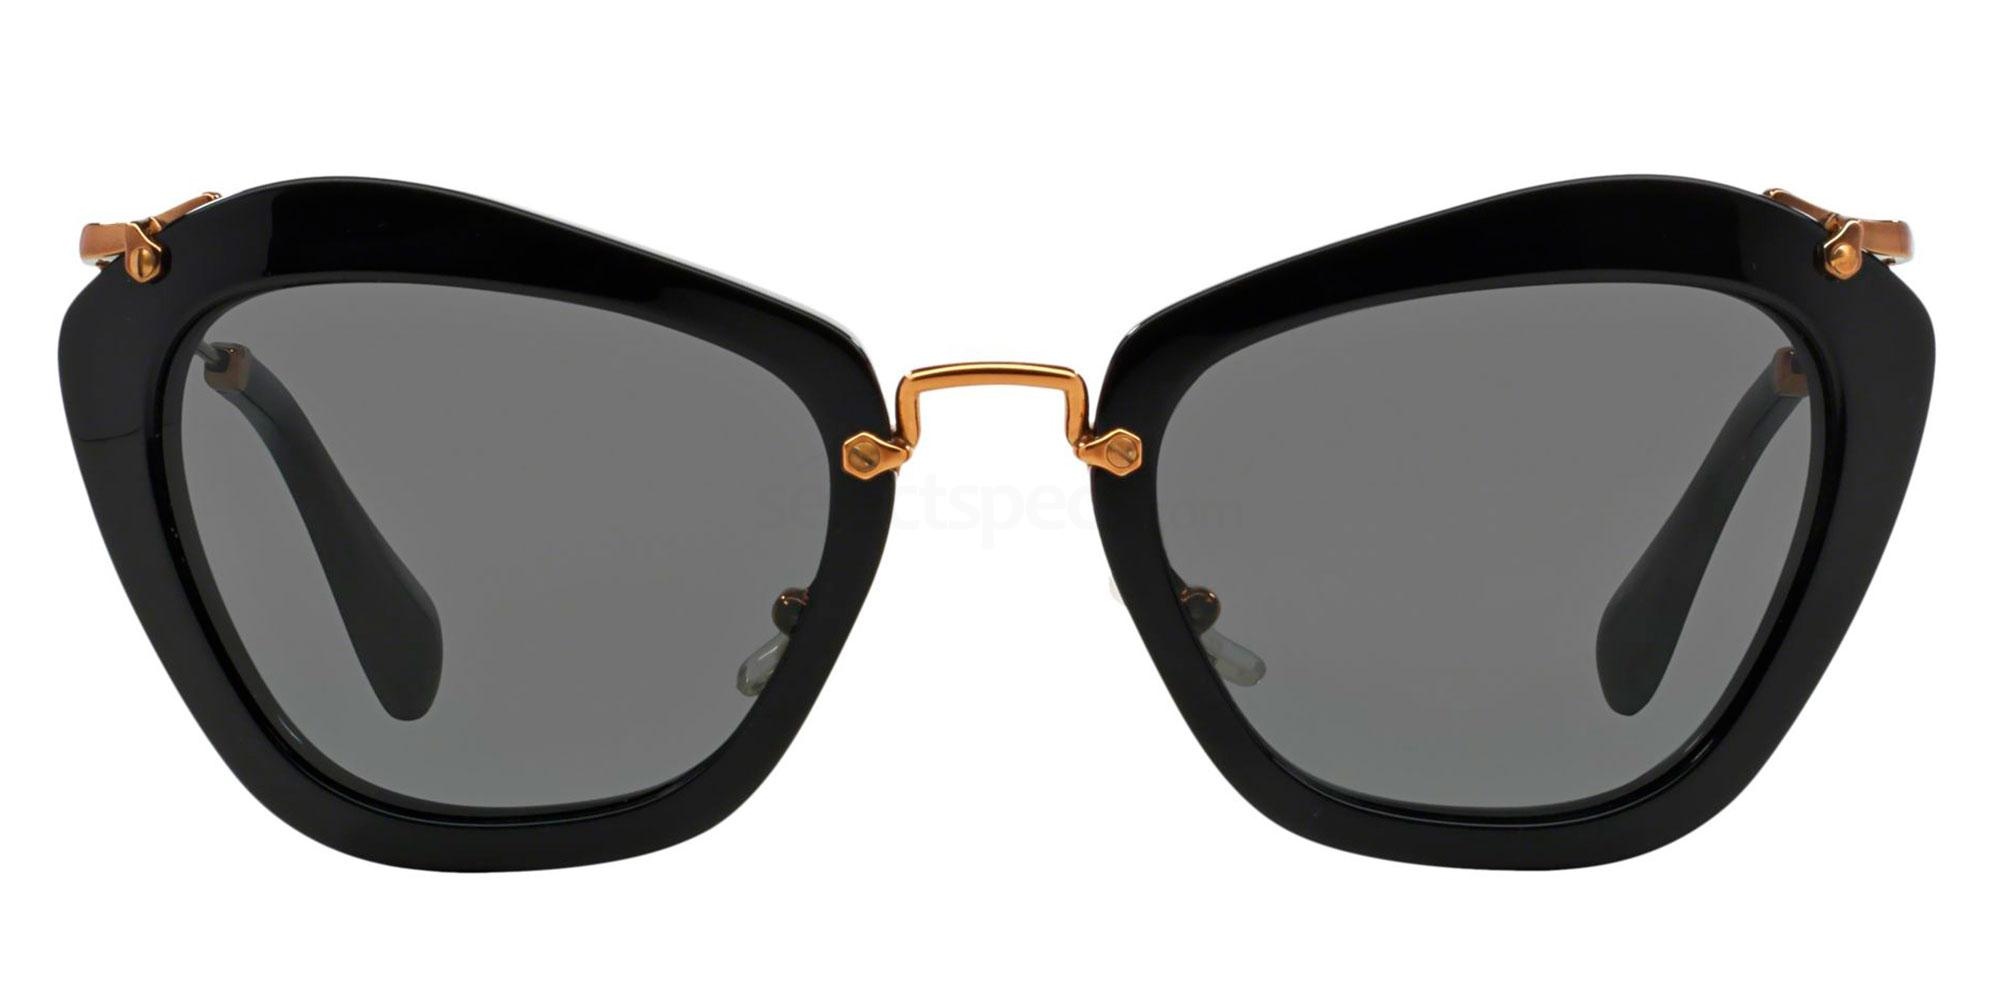 1AB1A1 MU 10NS (1/3) Sunglasses, Miu Miu